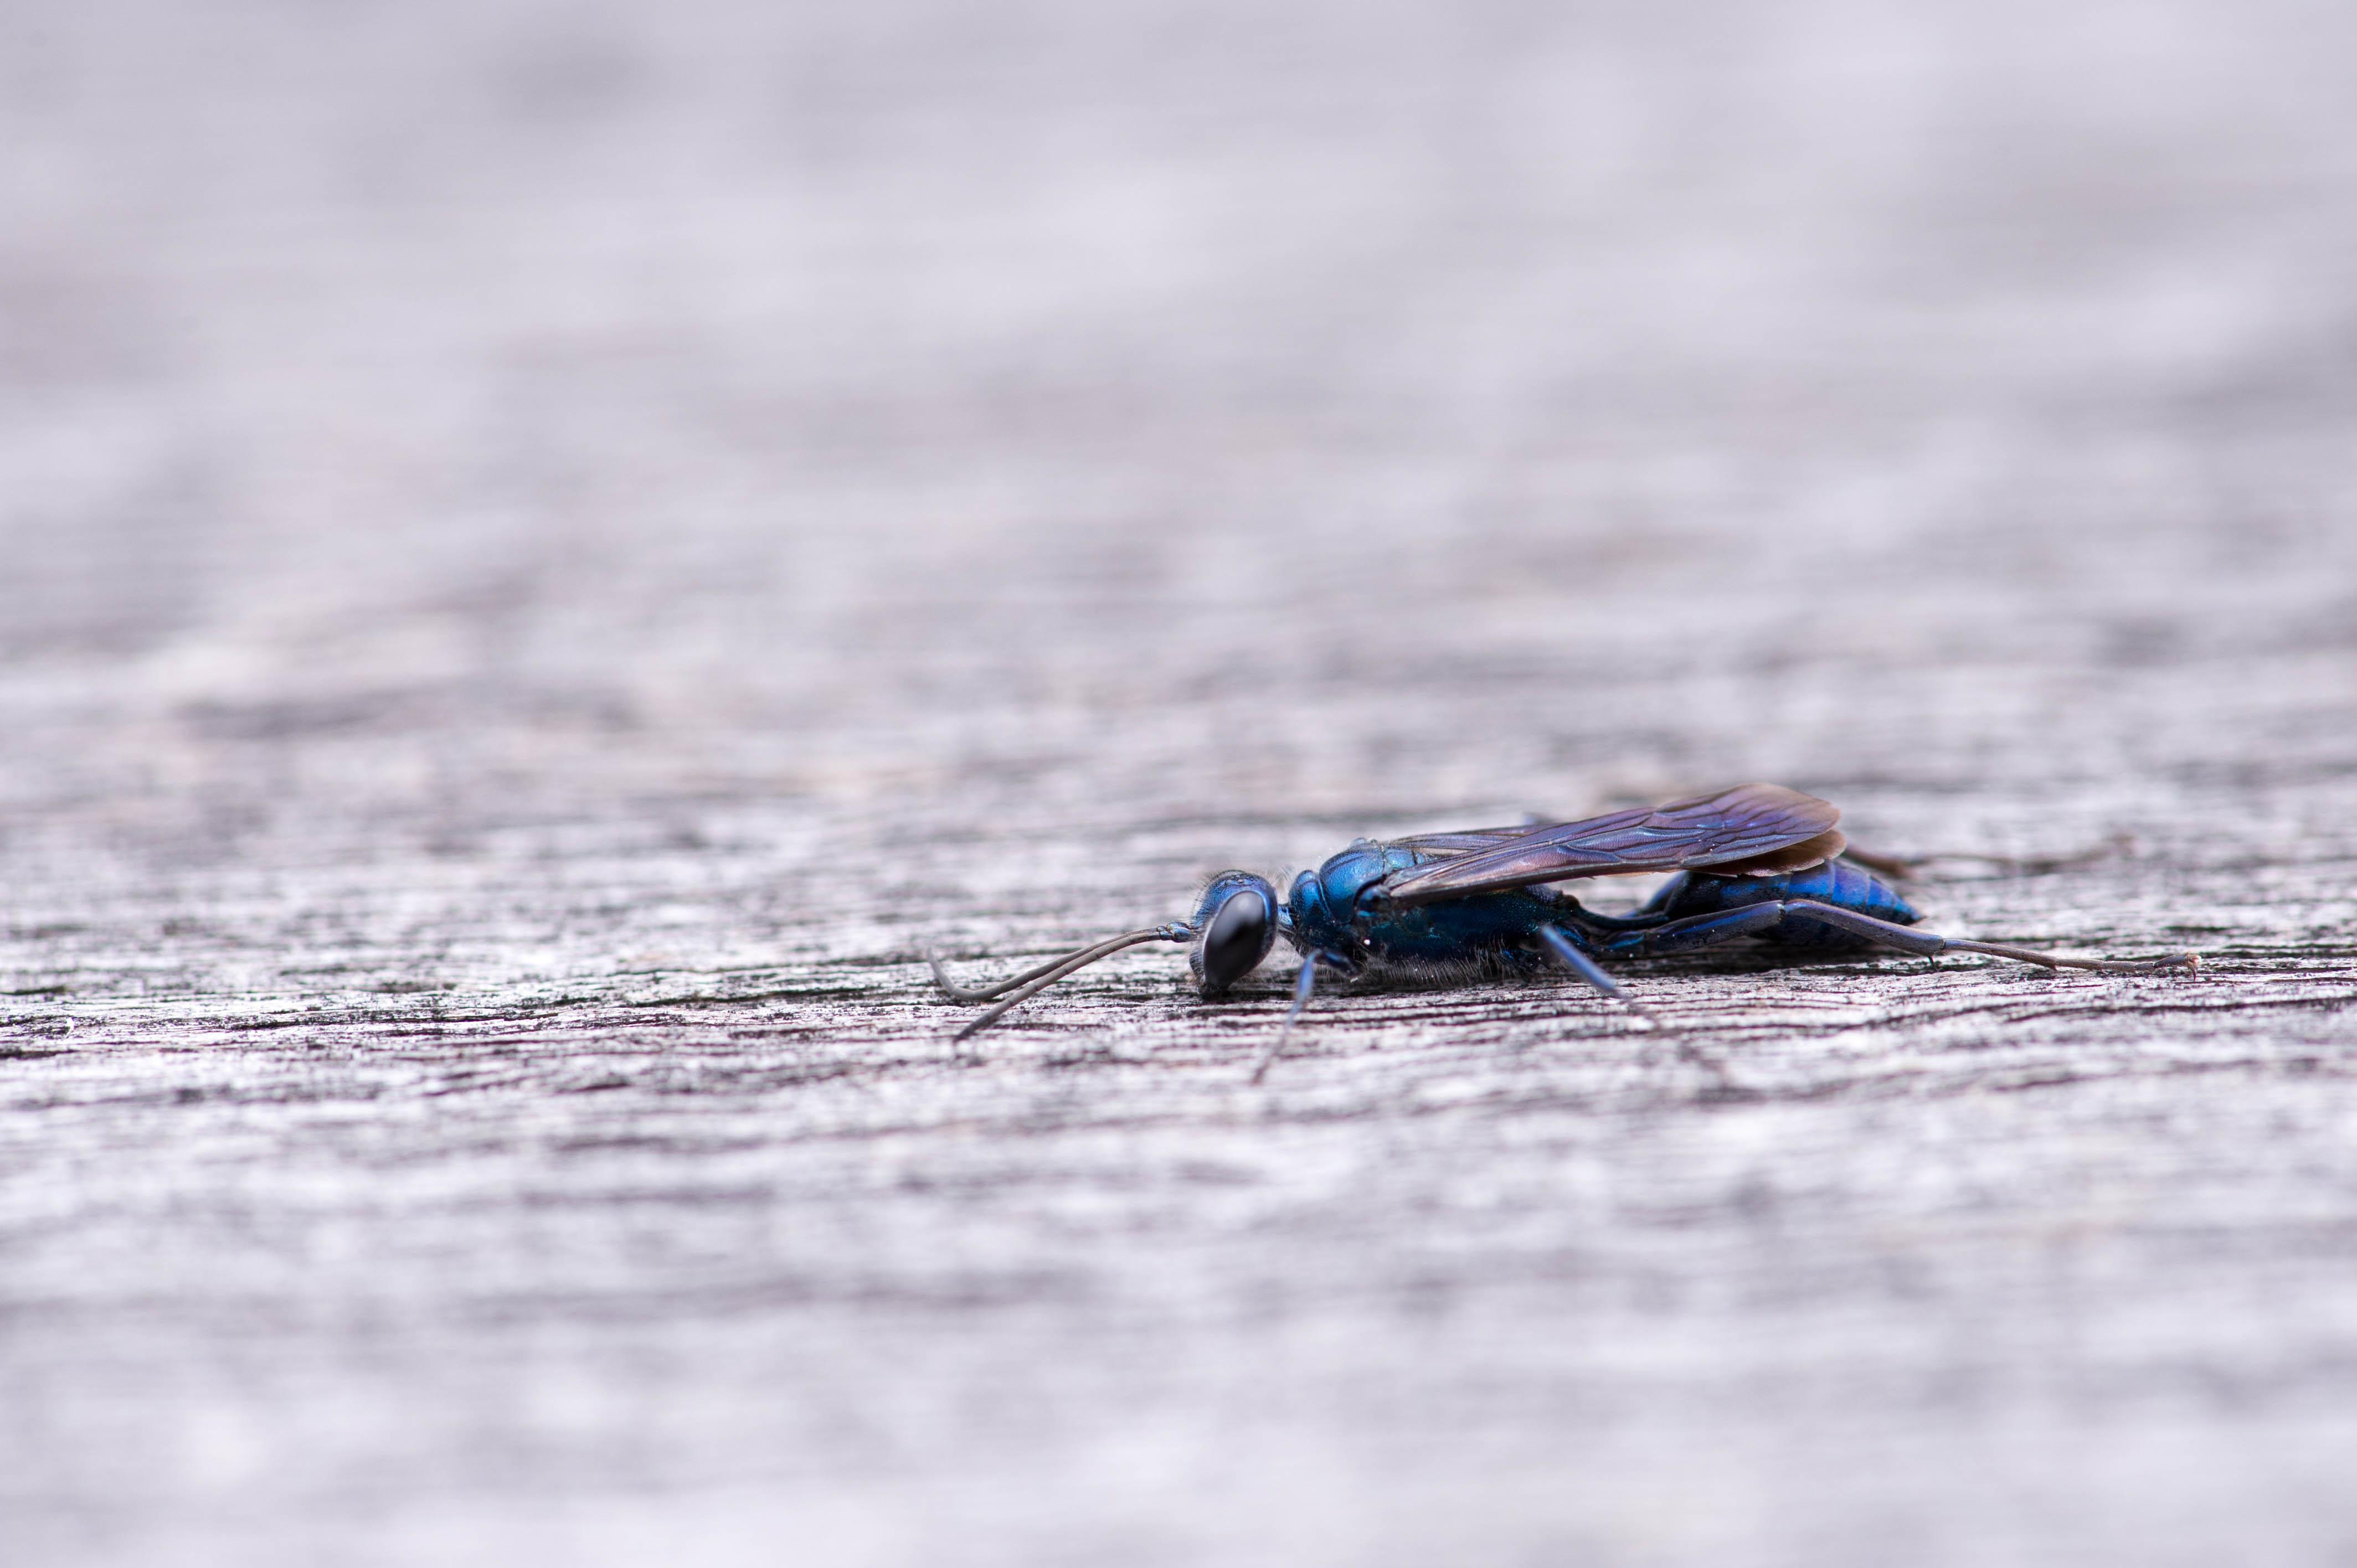 ルリジガバチの写真